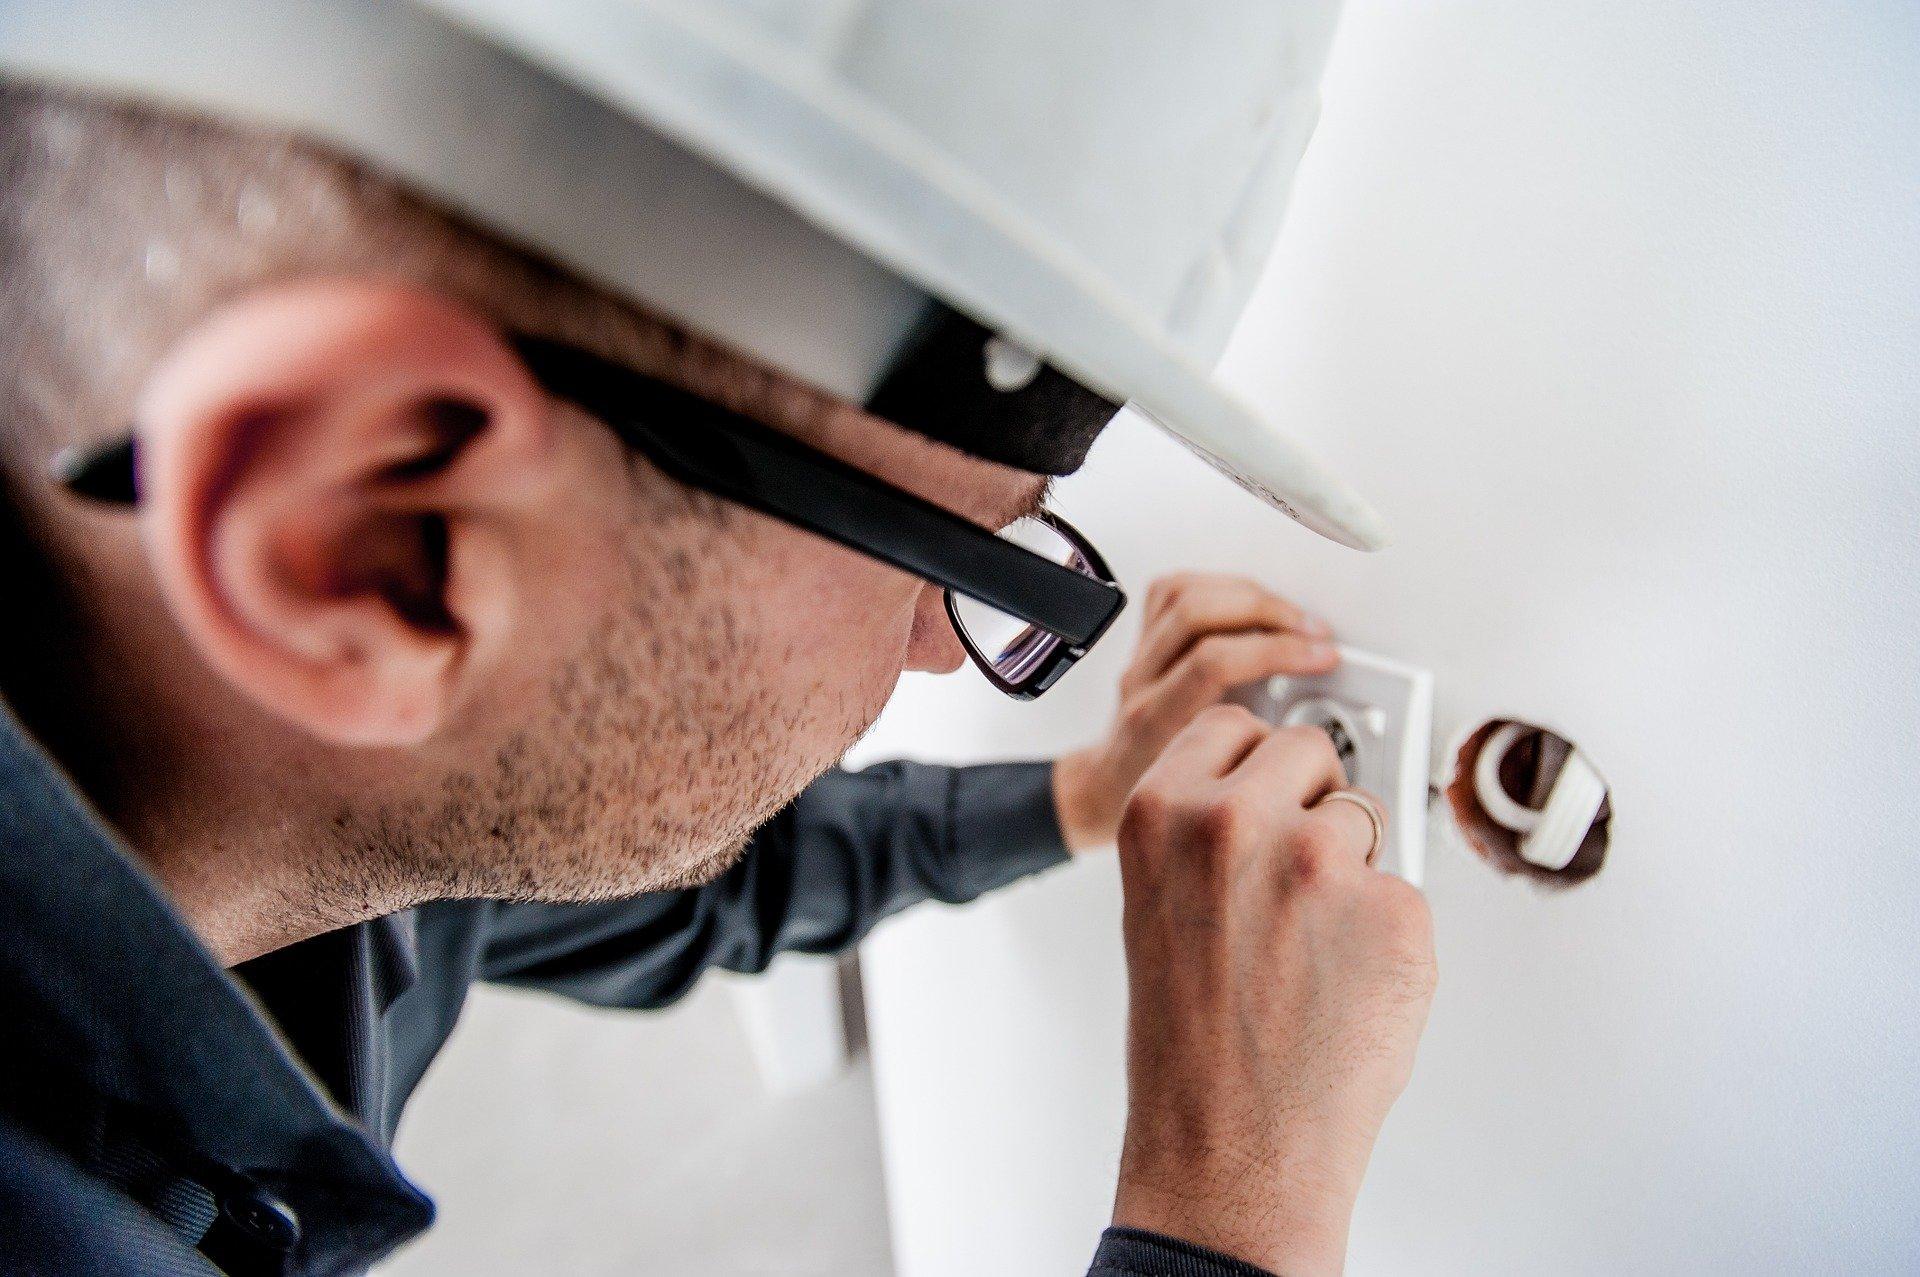 Comment mettre aux normes l'électricité?